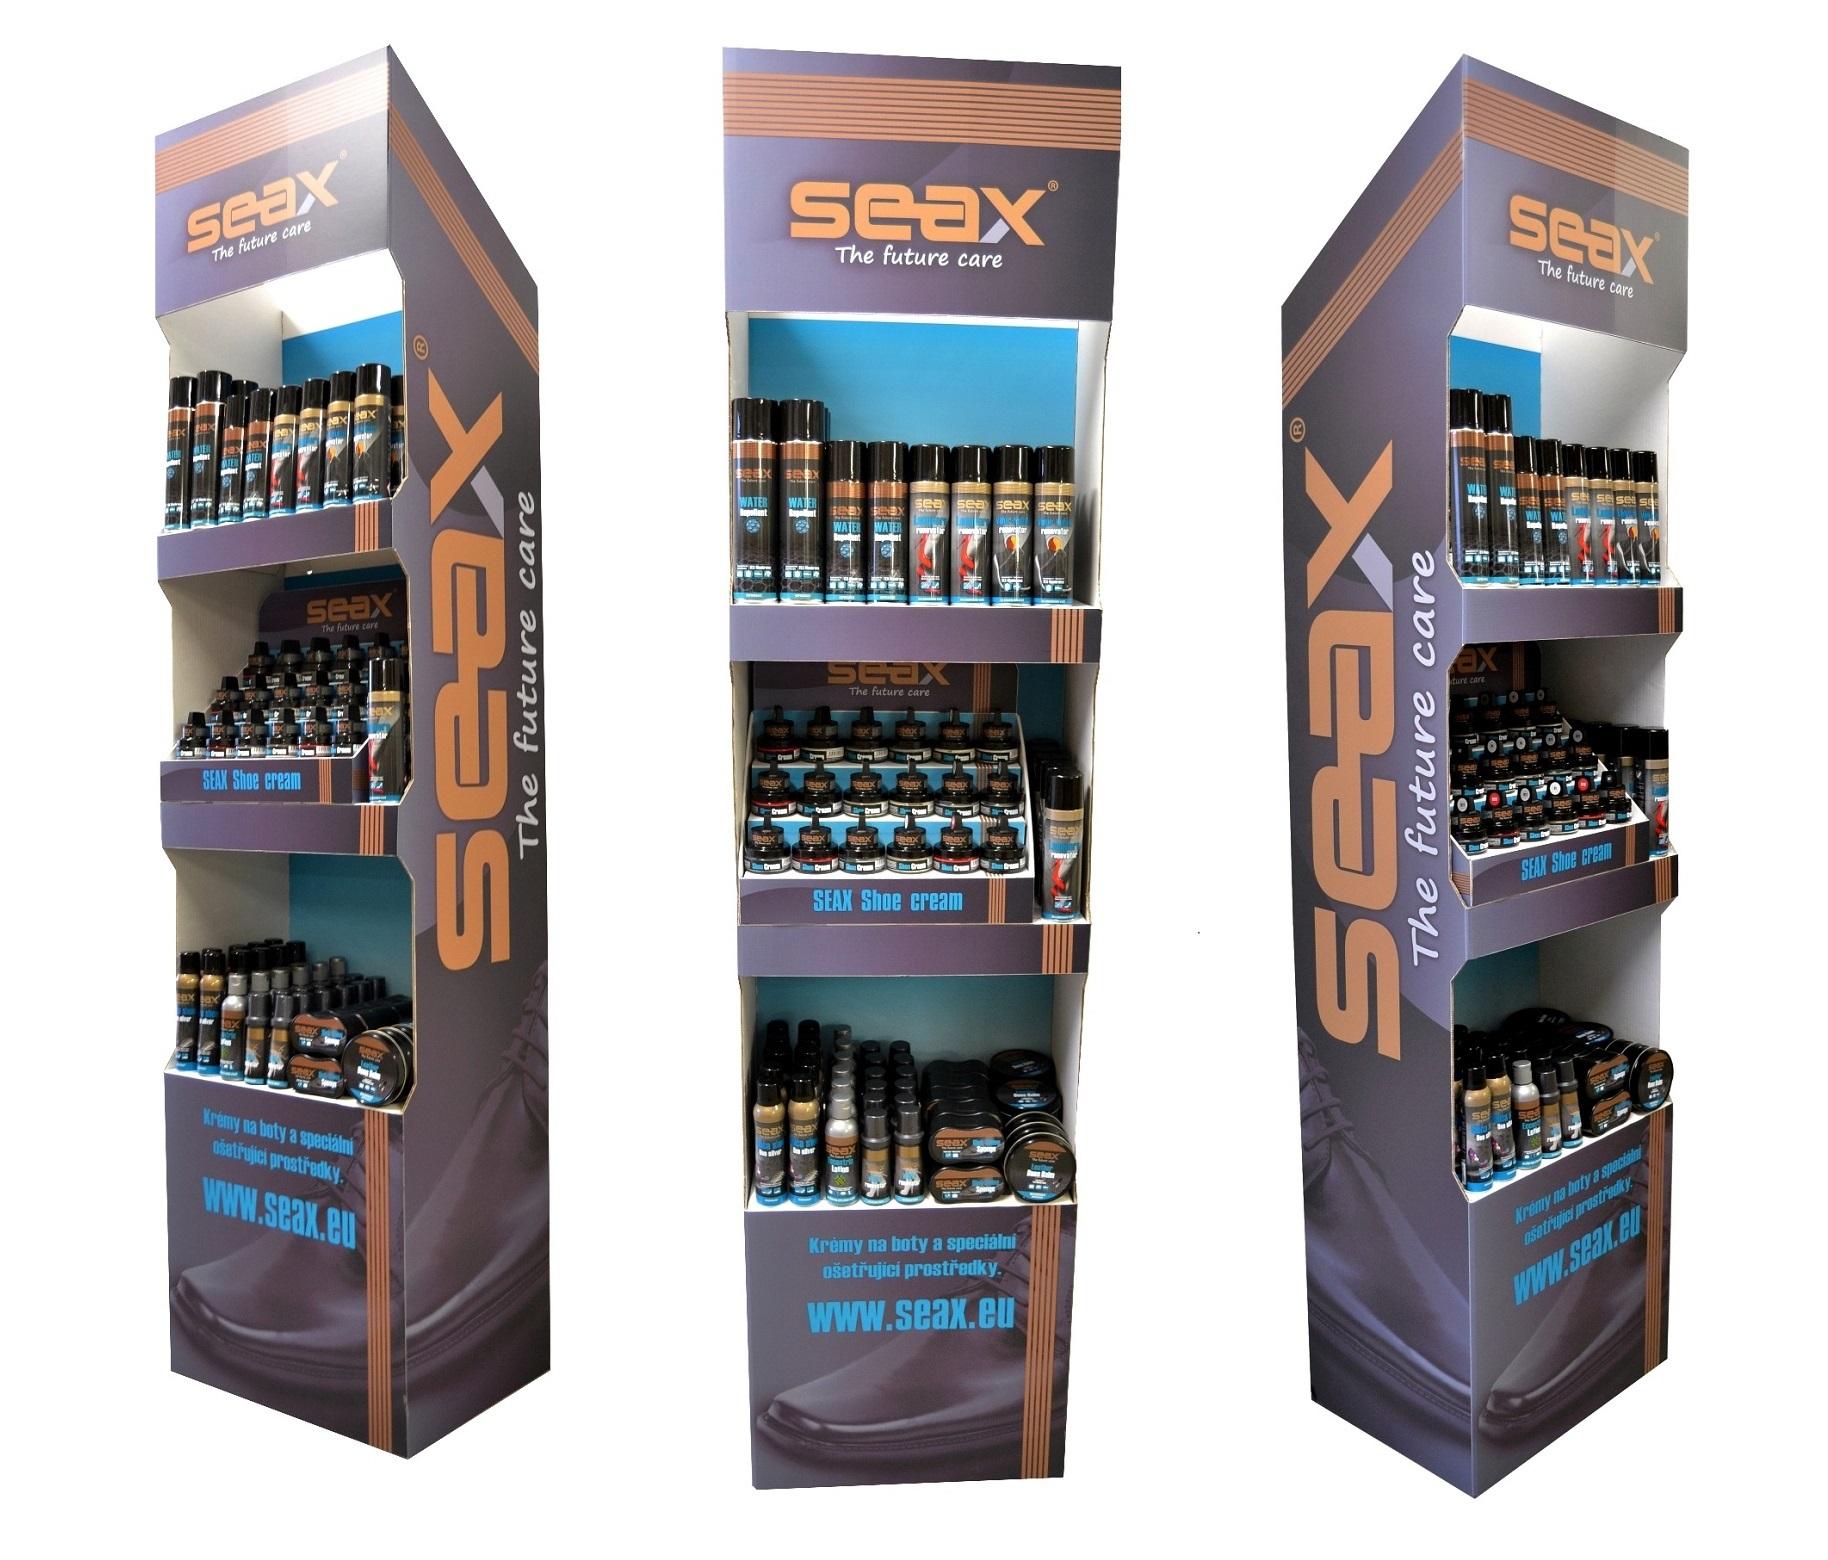 Impregnace a ochranné přípravky Seax - dokonalé ošetření obuvi